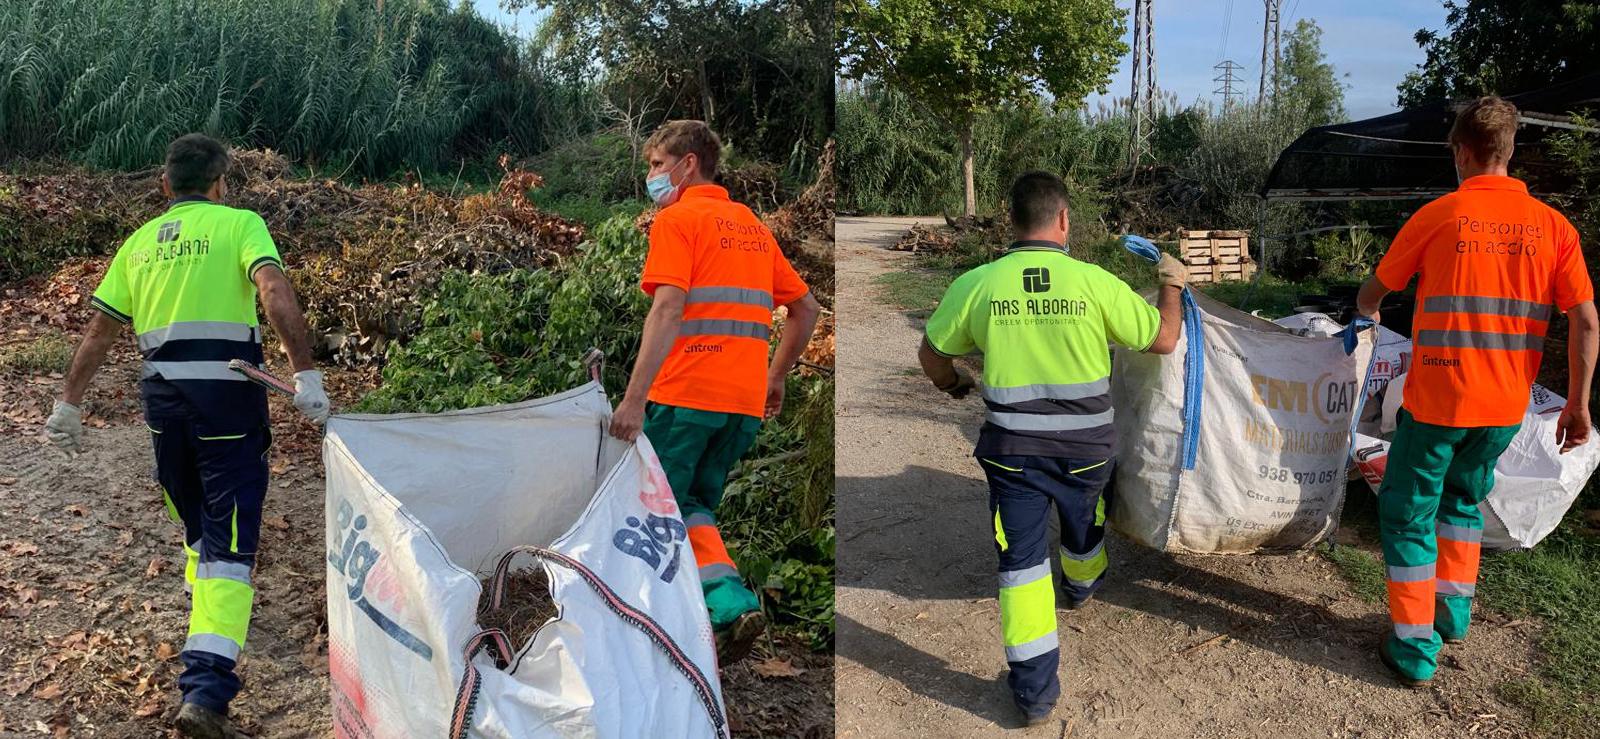 Mas Albornà col·labora amb Entrem en la neteja i conservació de zones verdes a Olèrdola